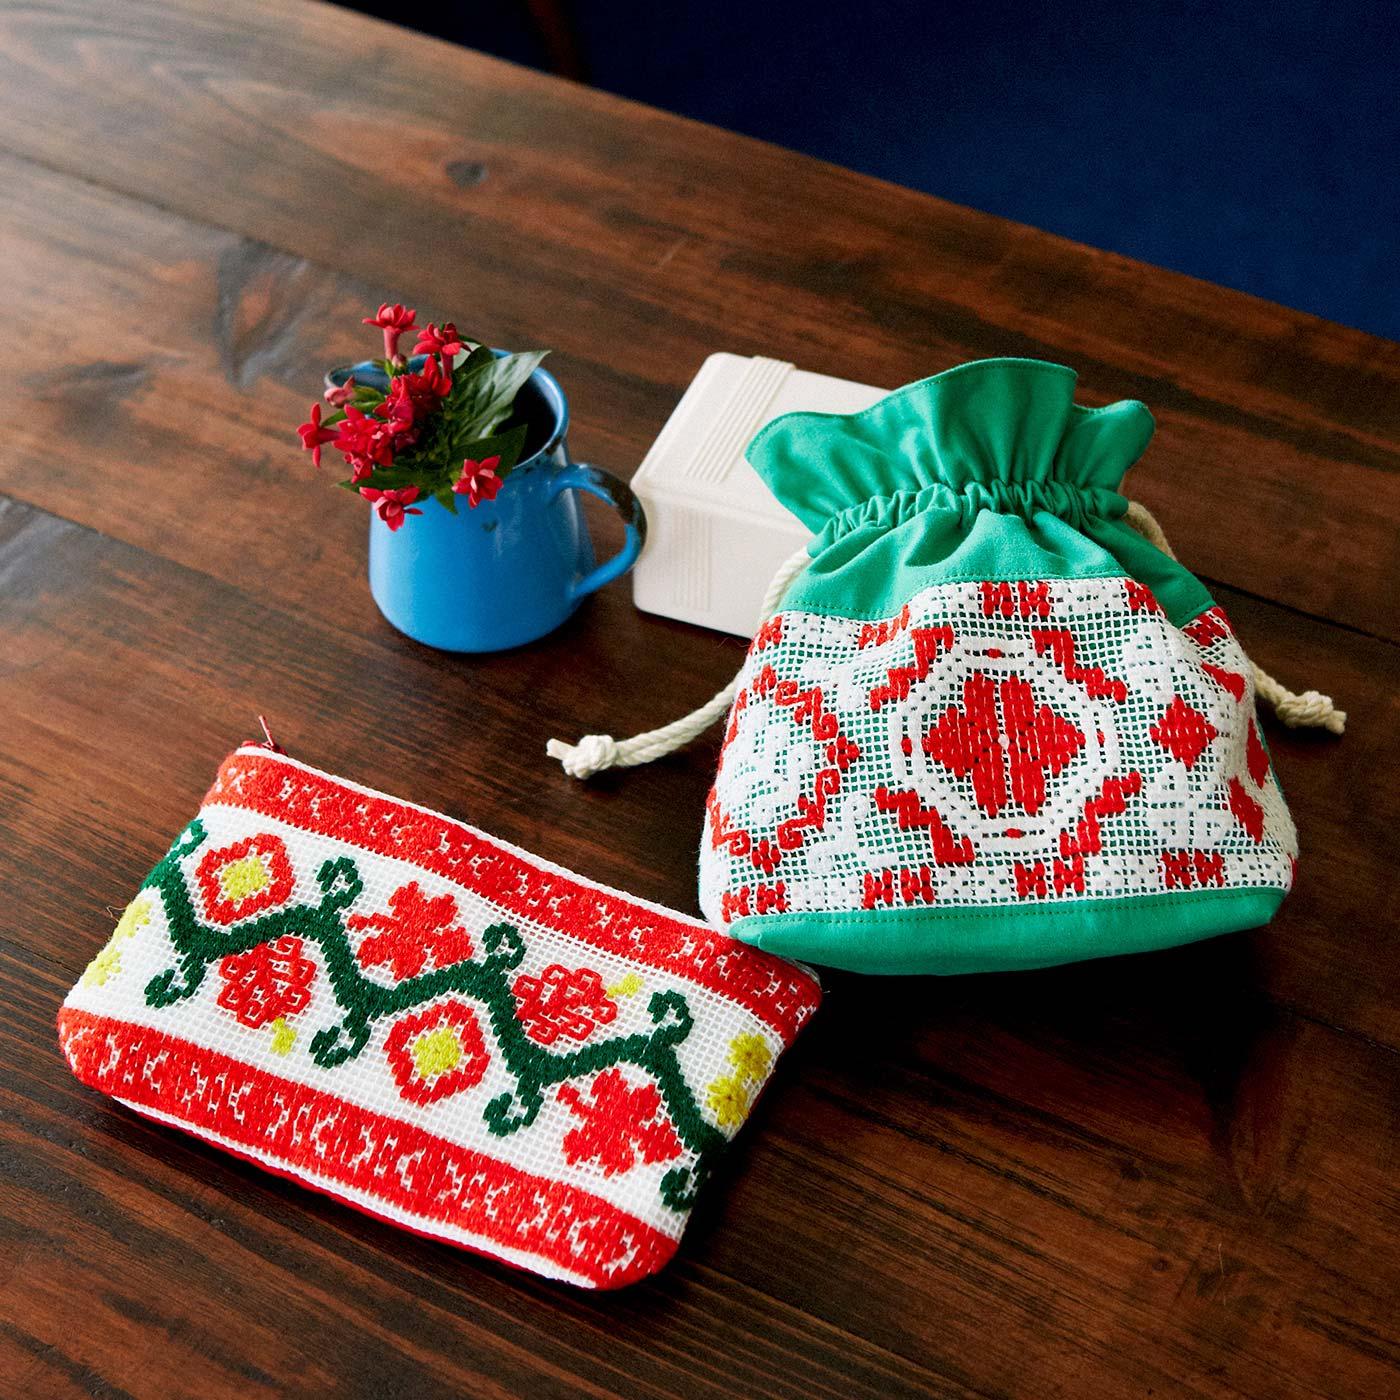 フェリシモ トランシルヴァニアからの贈りもの ネット編み刺しゅうの布小物の会